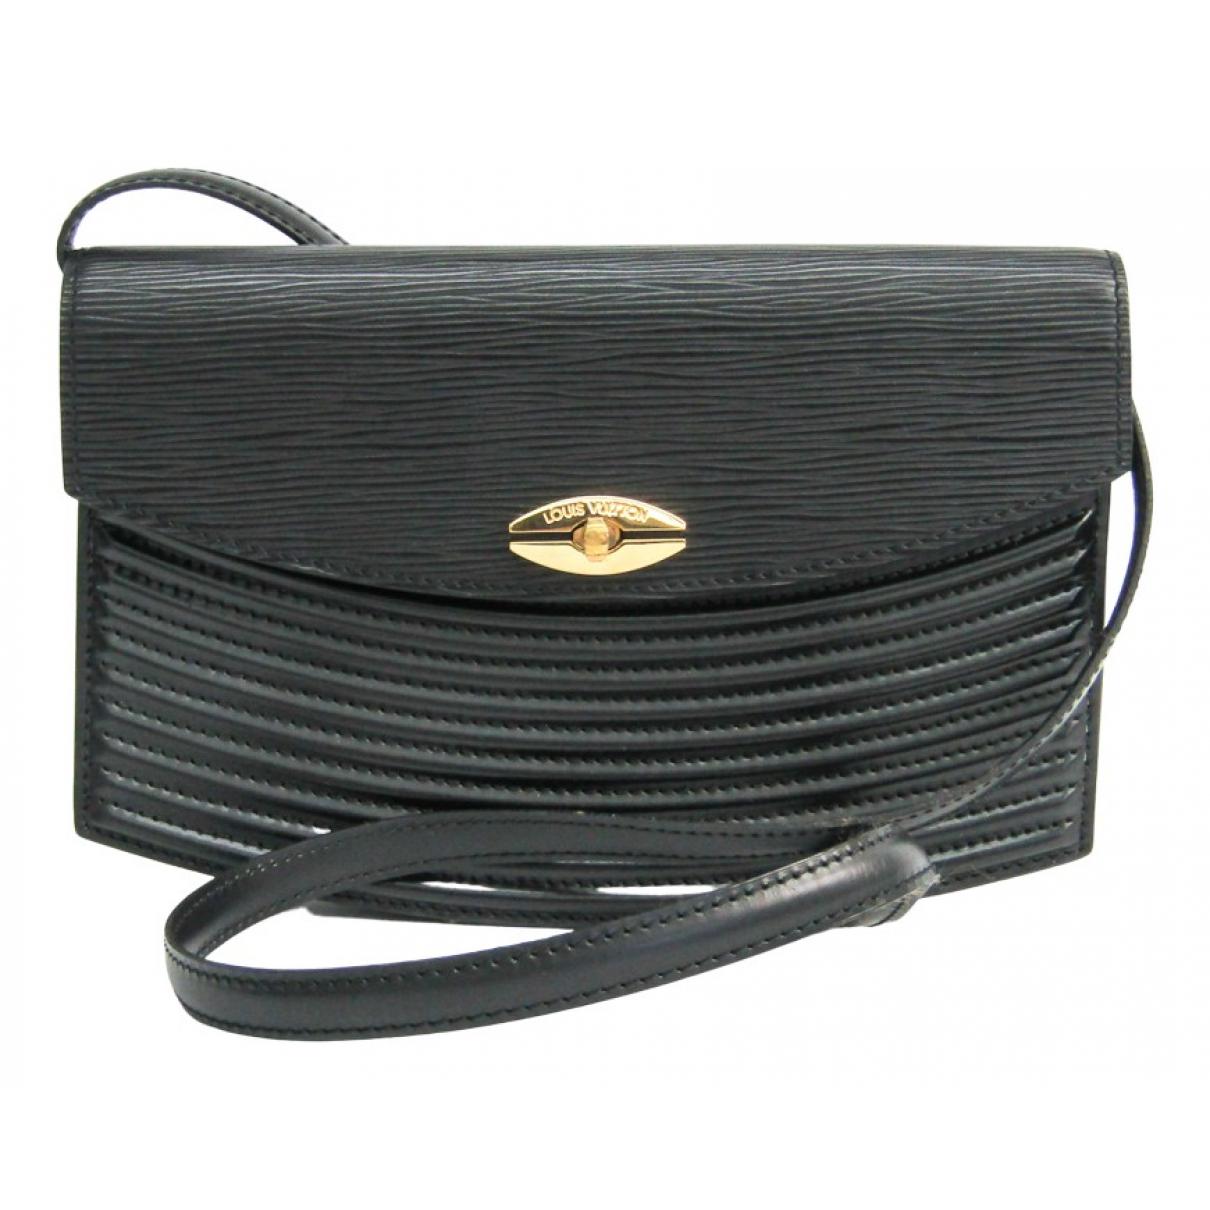 Bandolera de Cuero Louis Vuitton